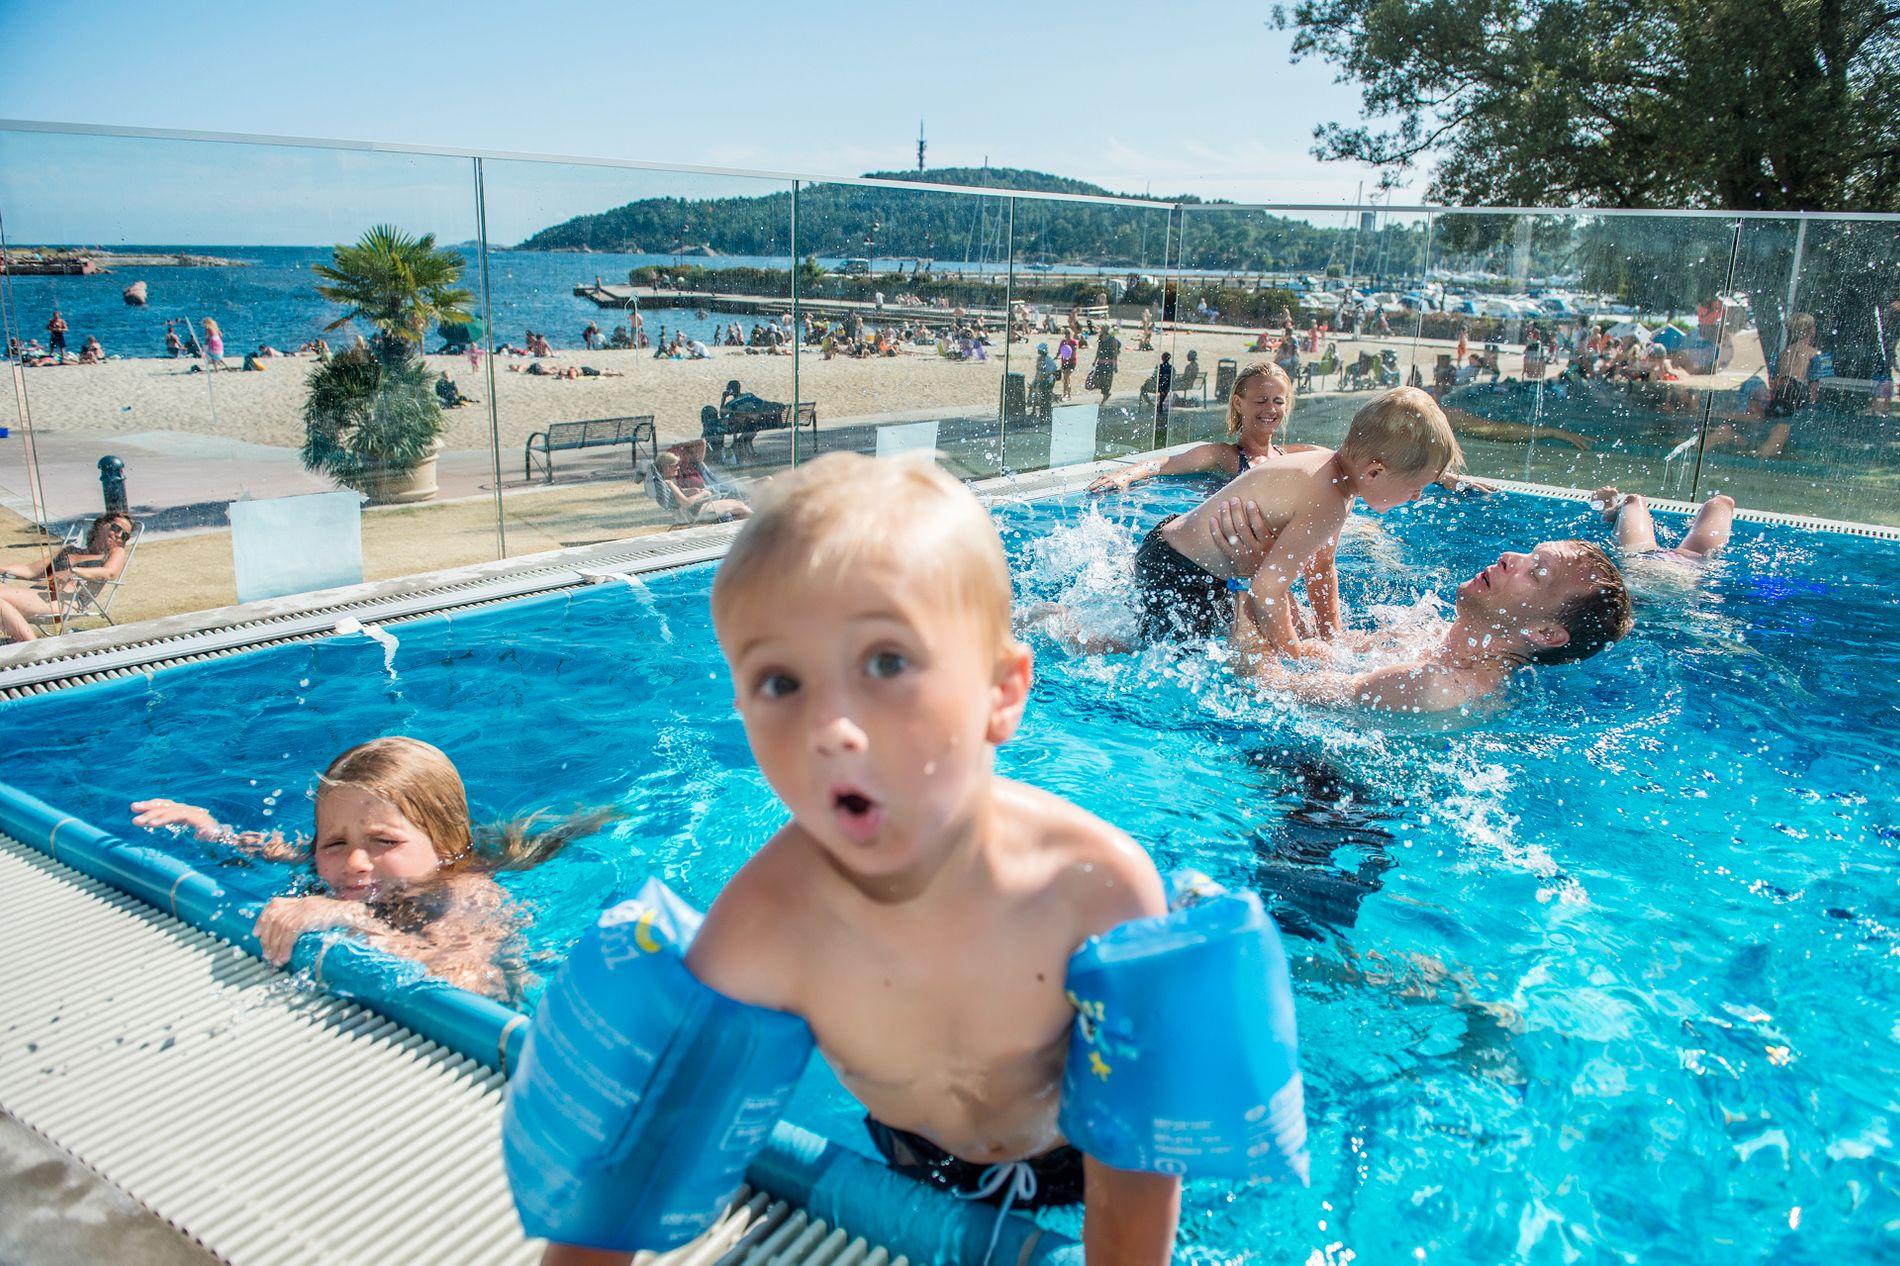 EN DUKKERT I FANTASTISKE OMGIVELSER: Glade barn og voksne storkoser seg i utendørsbassenget på Aquarama Bad.